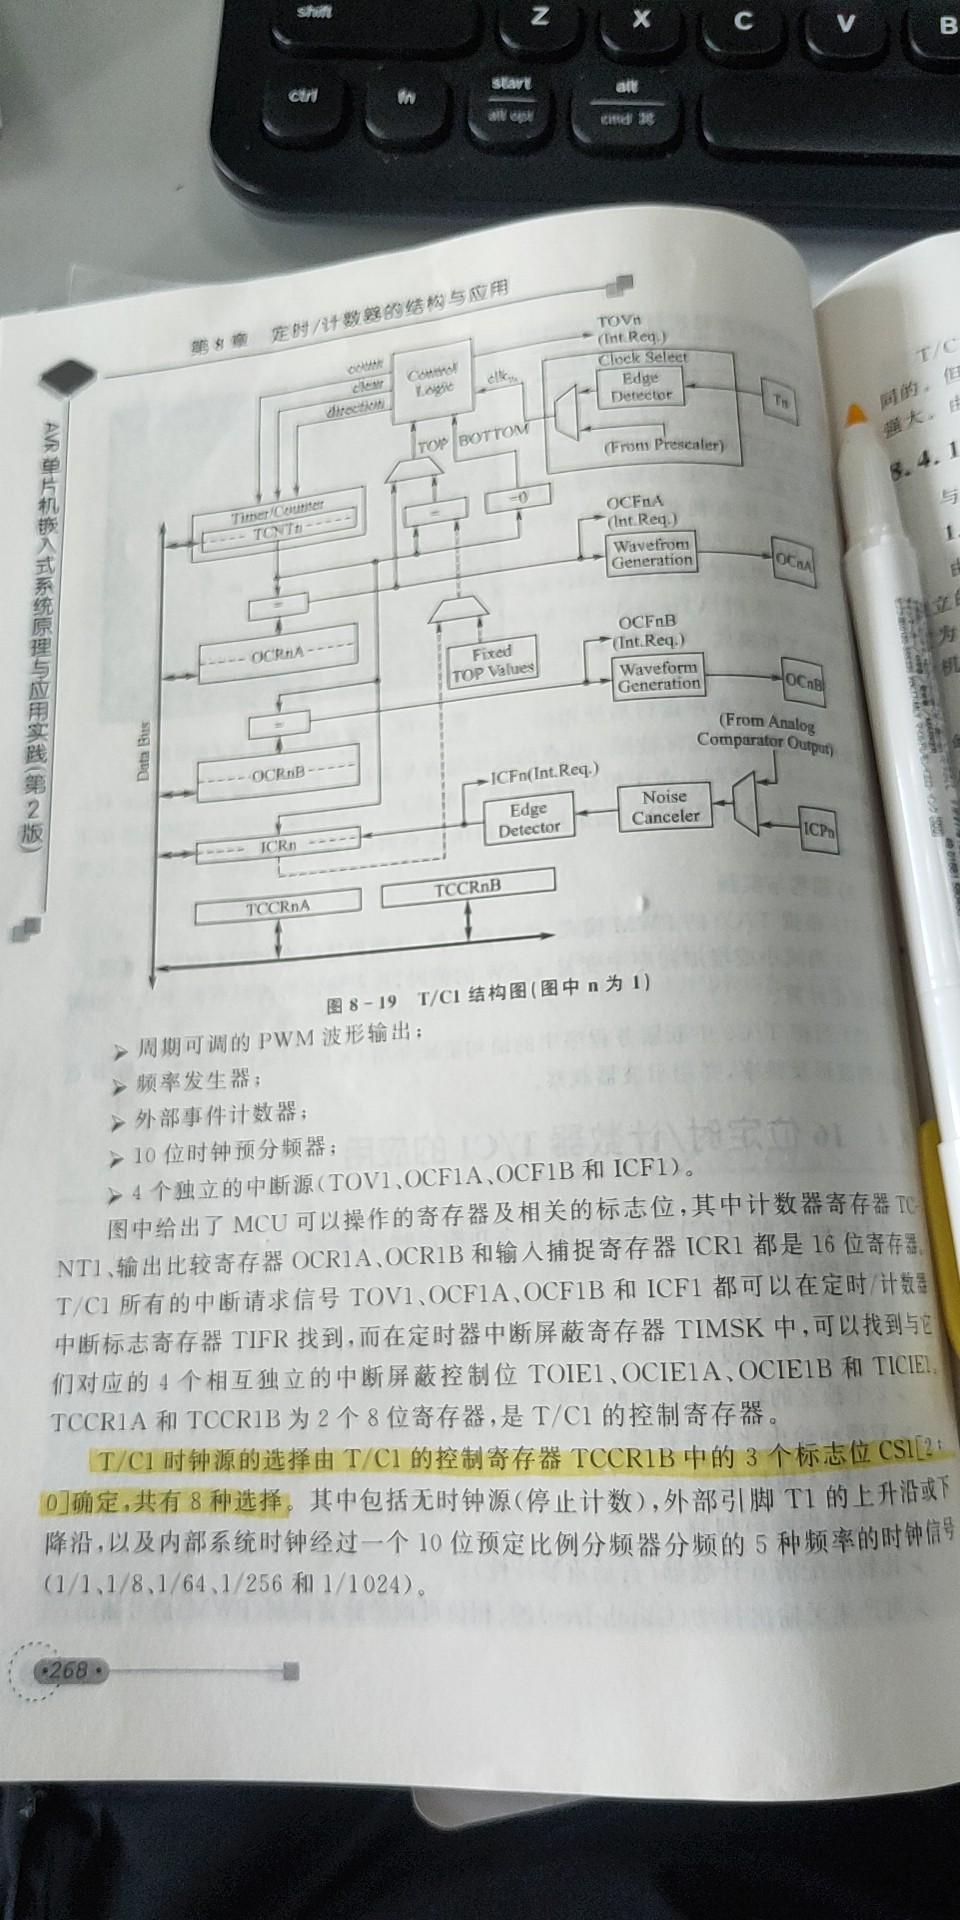 2d0eb8300cc6ef49a0a6b3c76762a7e.jpg